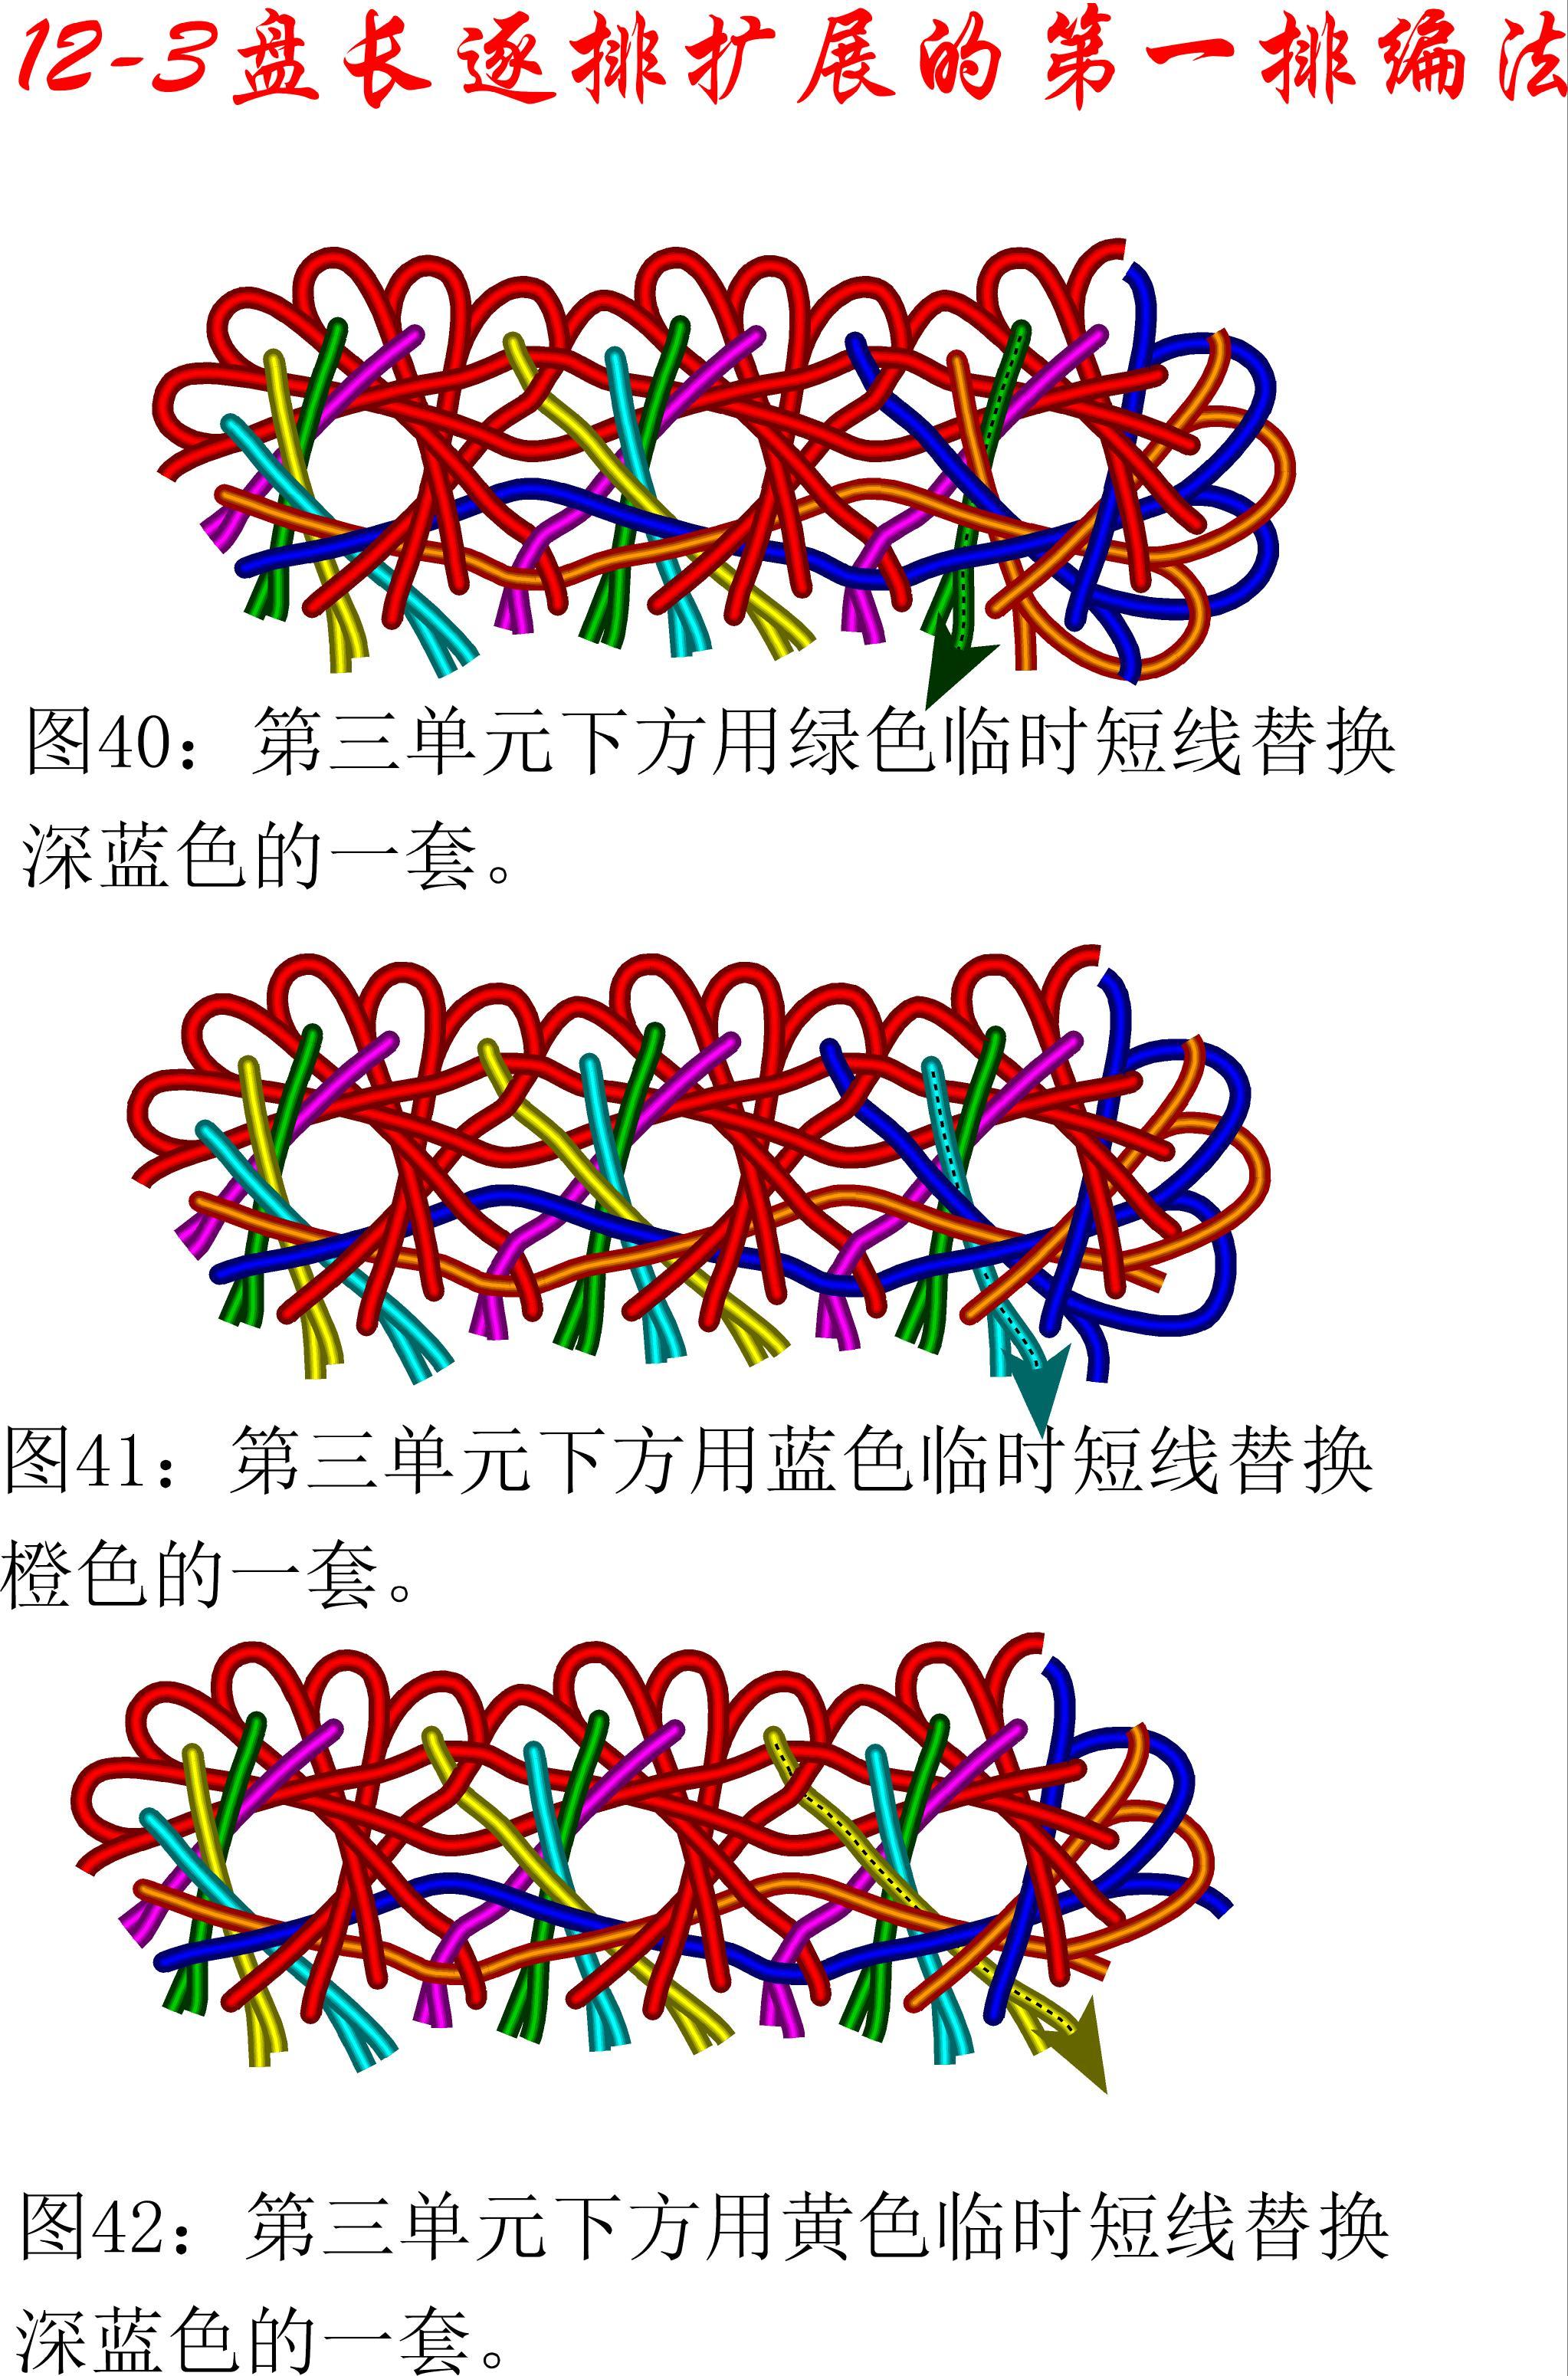 中国结论坛 12-3排扩展法第一排的基盘长编法教程 教程,共基接法,扩展法定义,定基分析法,扩展编码法 丑丑徒手编结 111229xragccoakknaxzgc